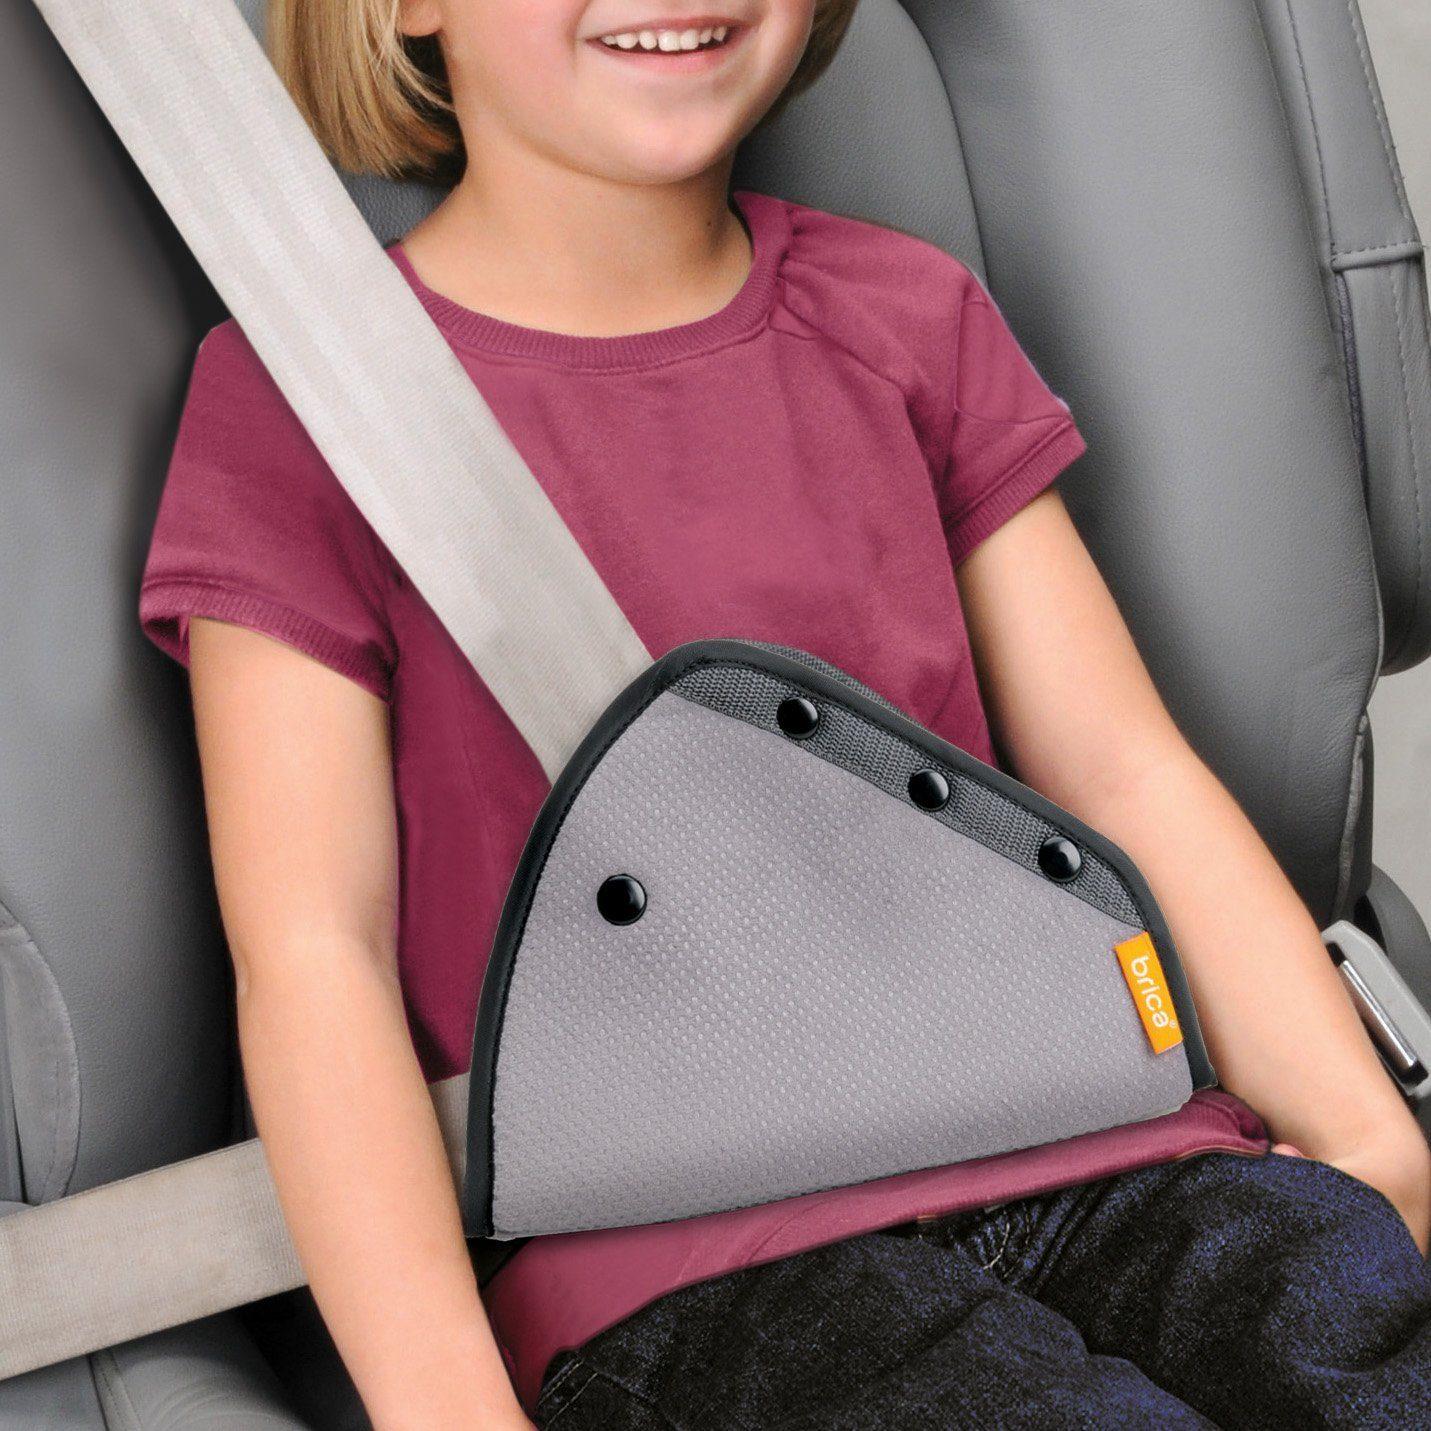 baby in safety belt